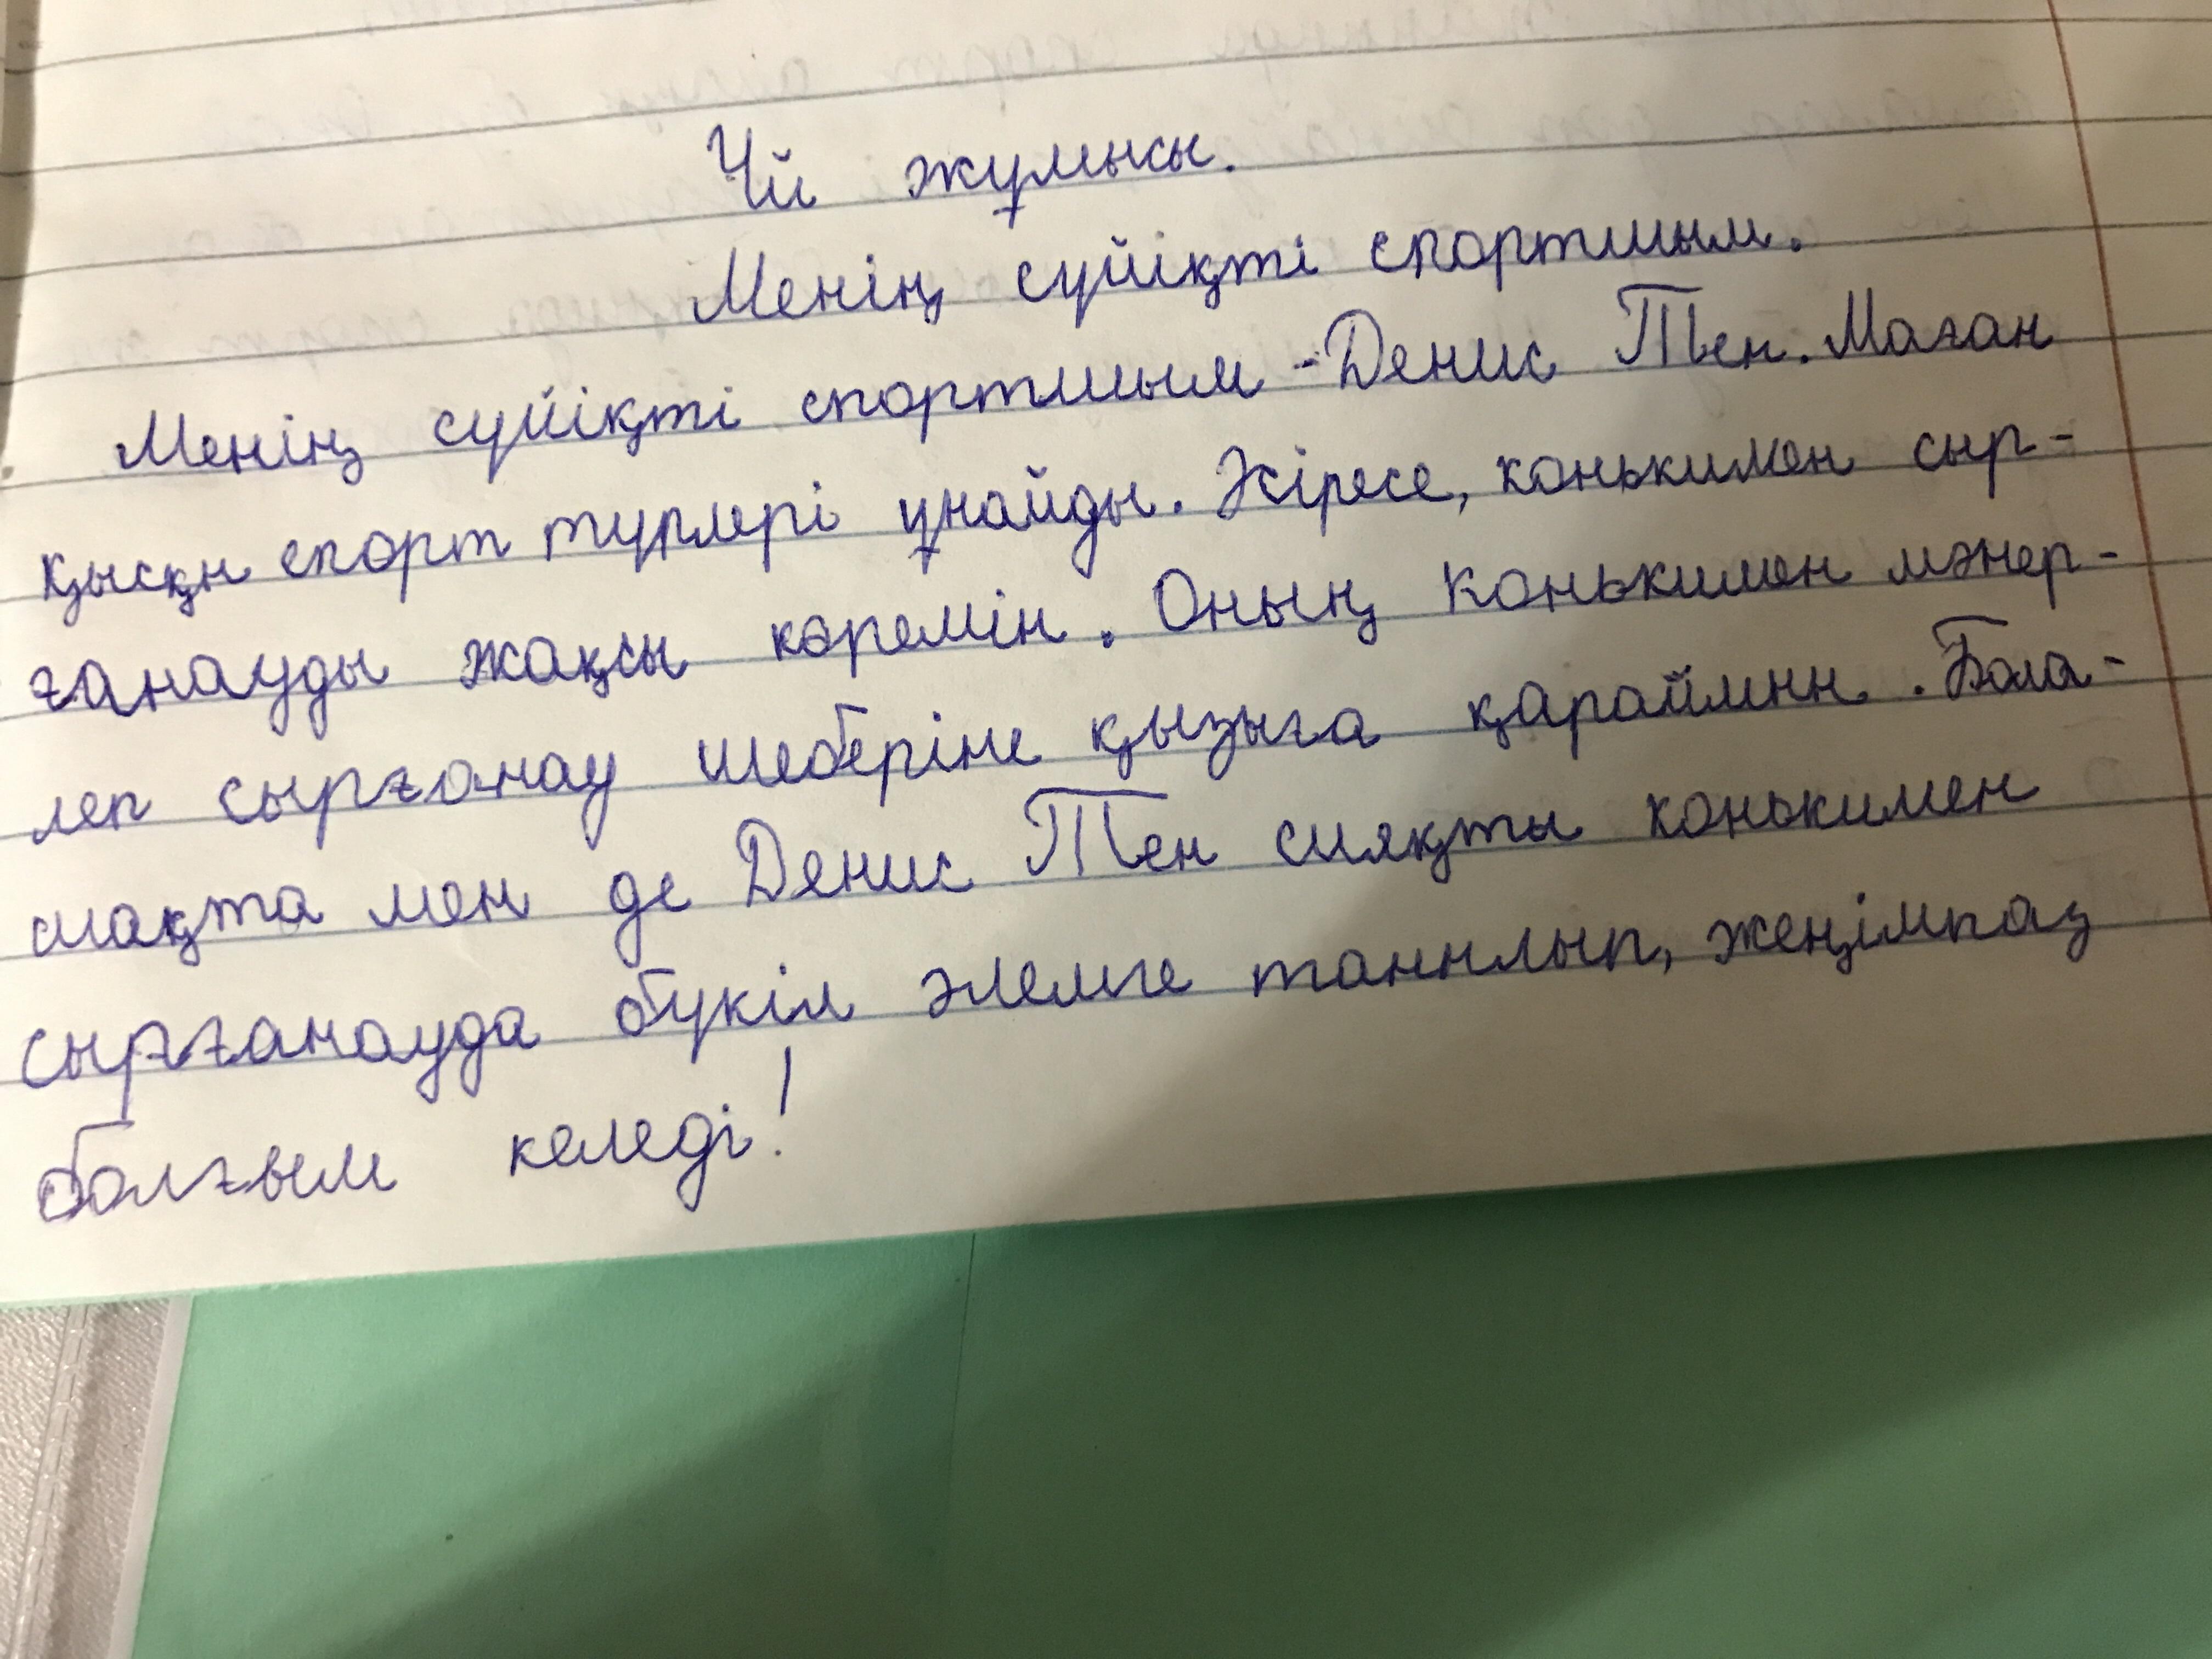 Эссе на тему русский язык в казахстане 5394